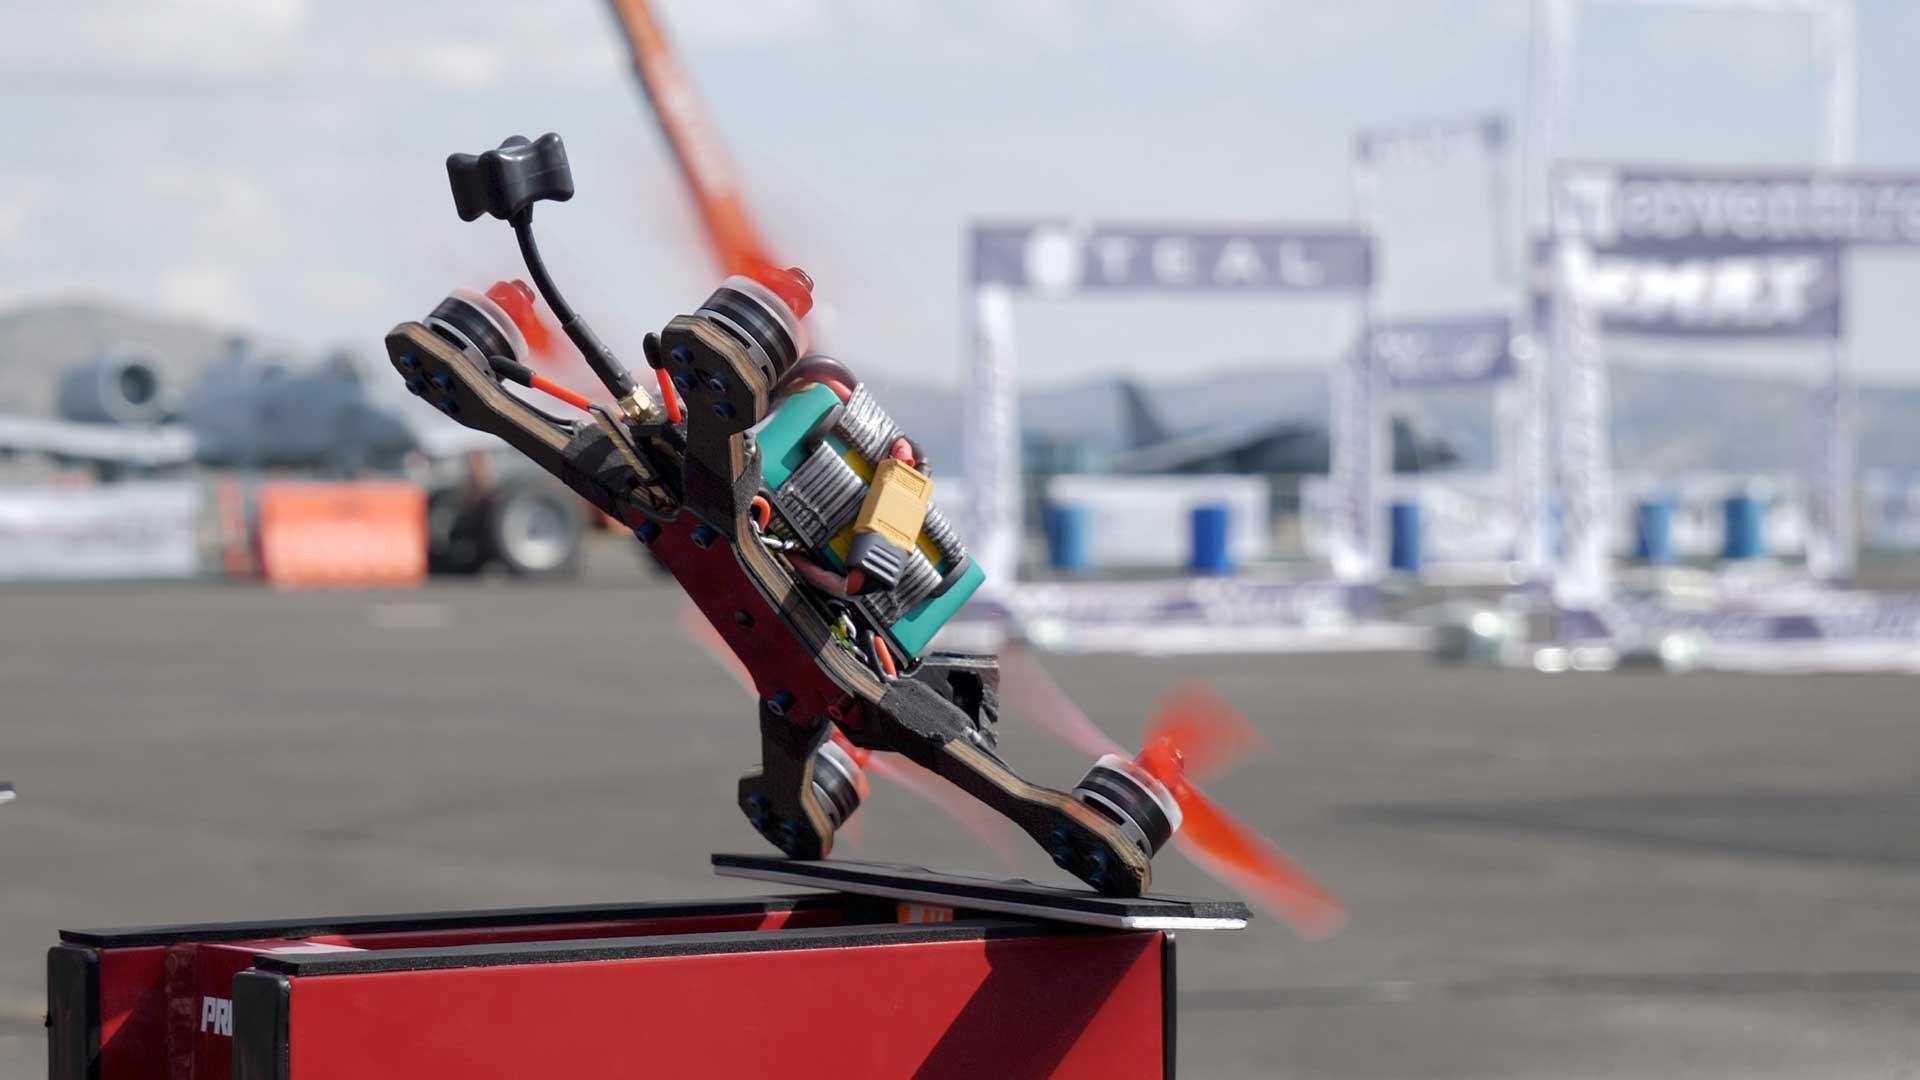 Resultado de imagen para drone racing